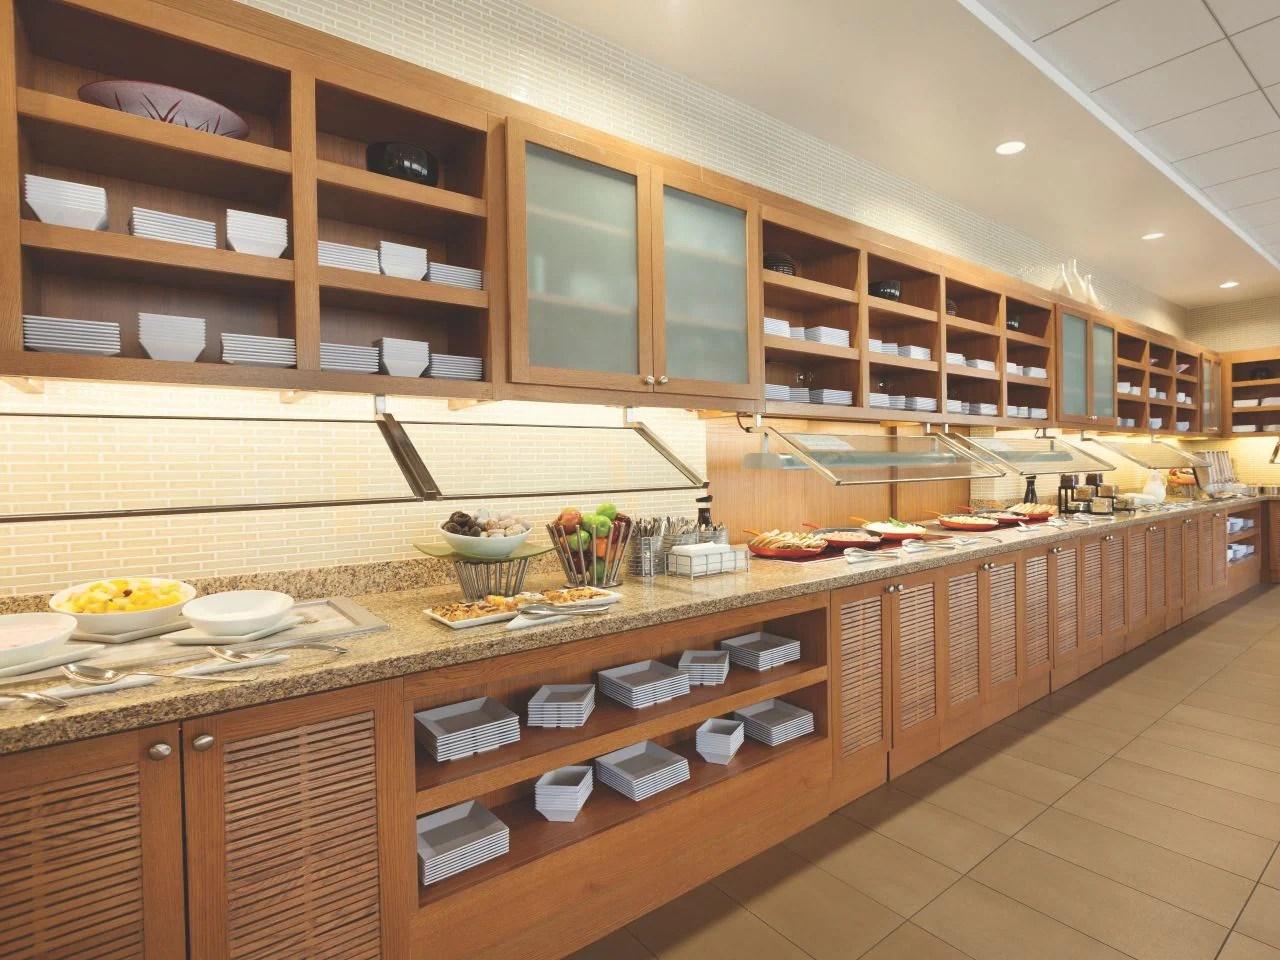 anaheim hotels with kitchen near disneyland cabinet hinges hotel hyatt place at